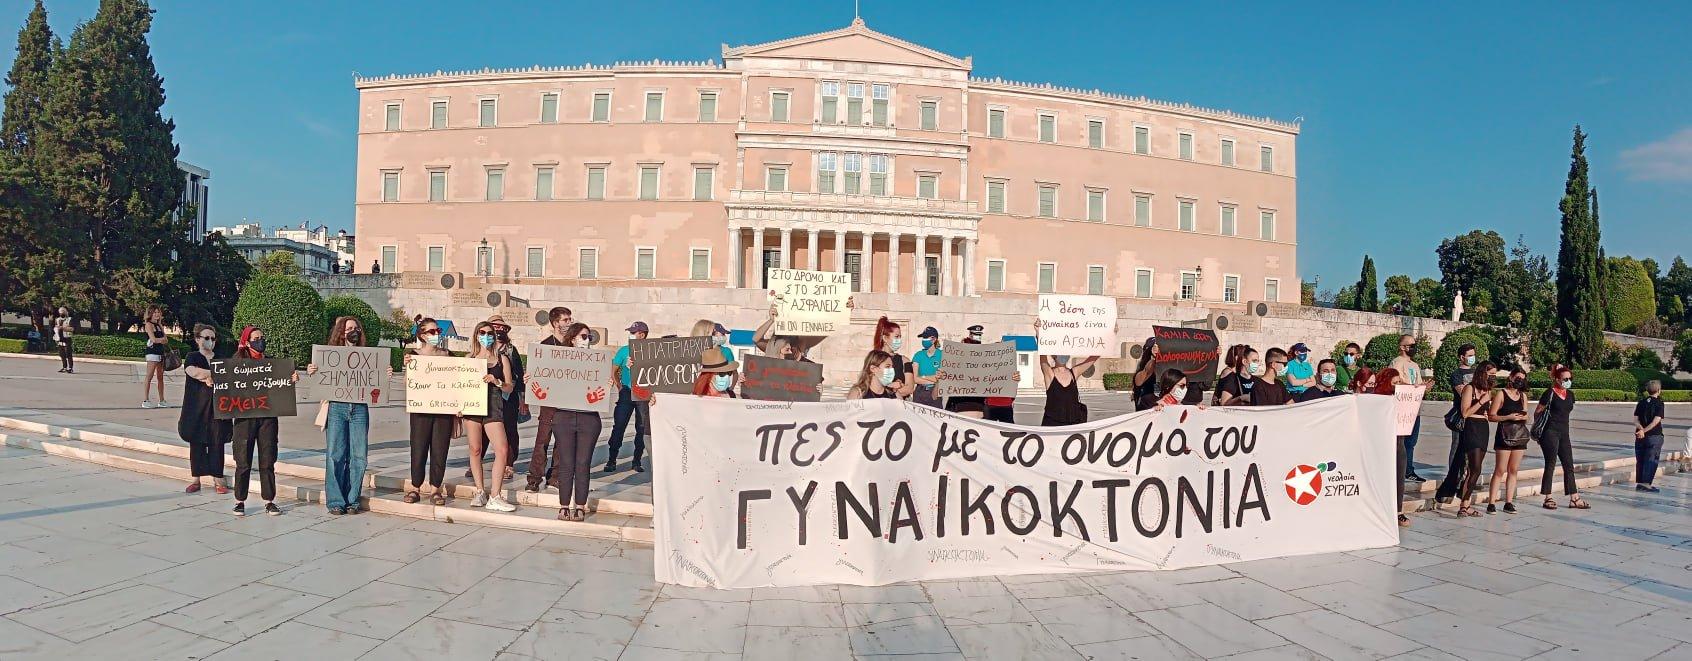 murdered women greece femicide